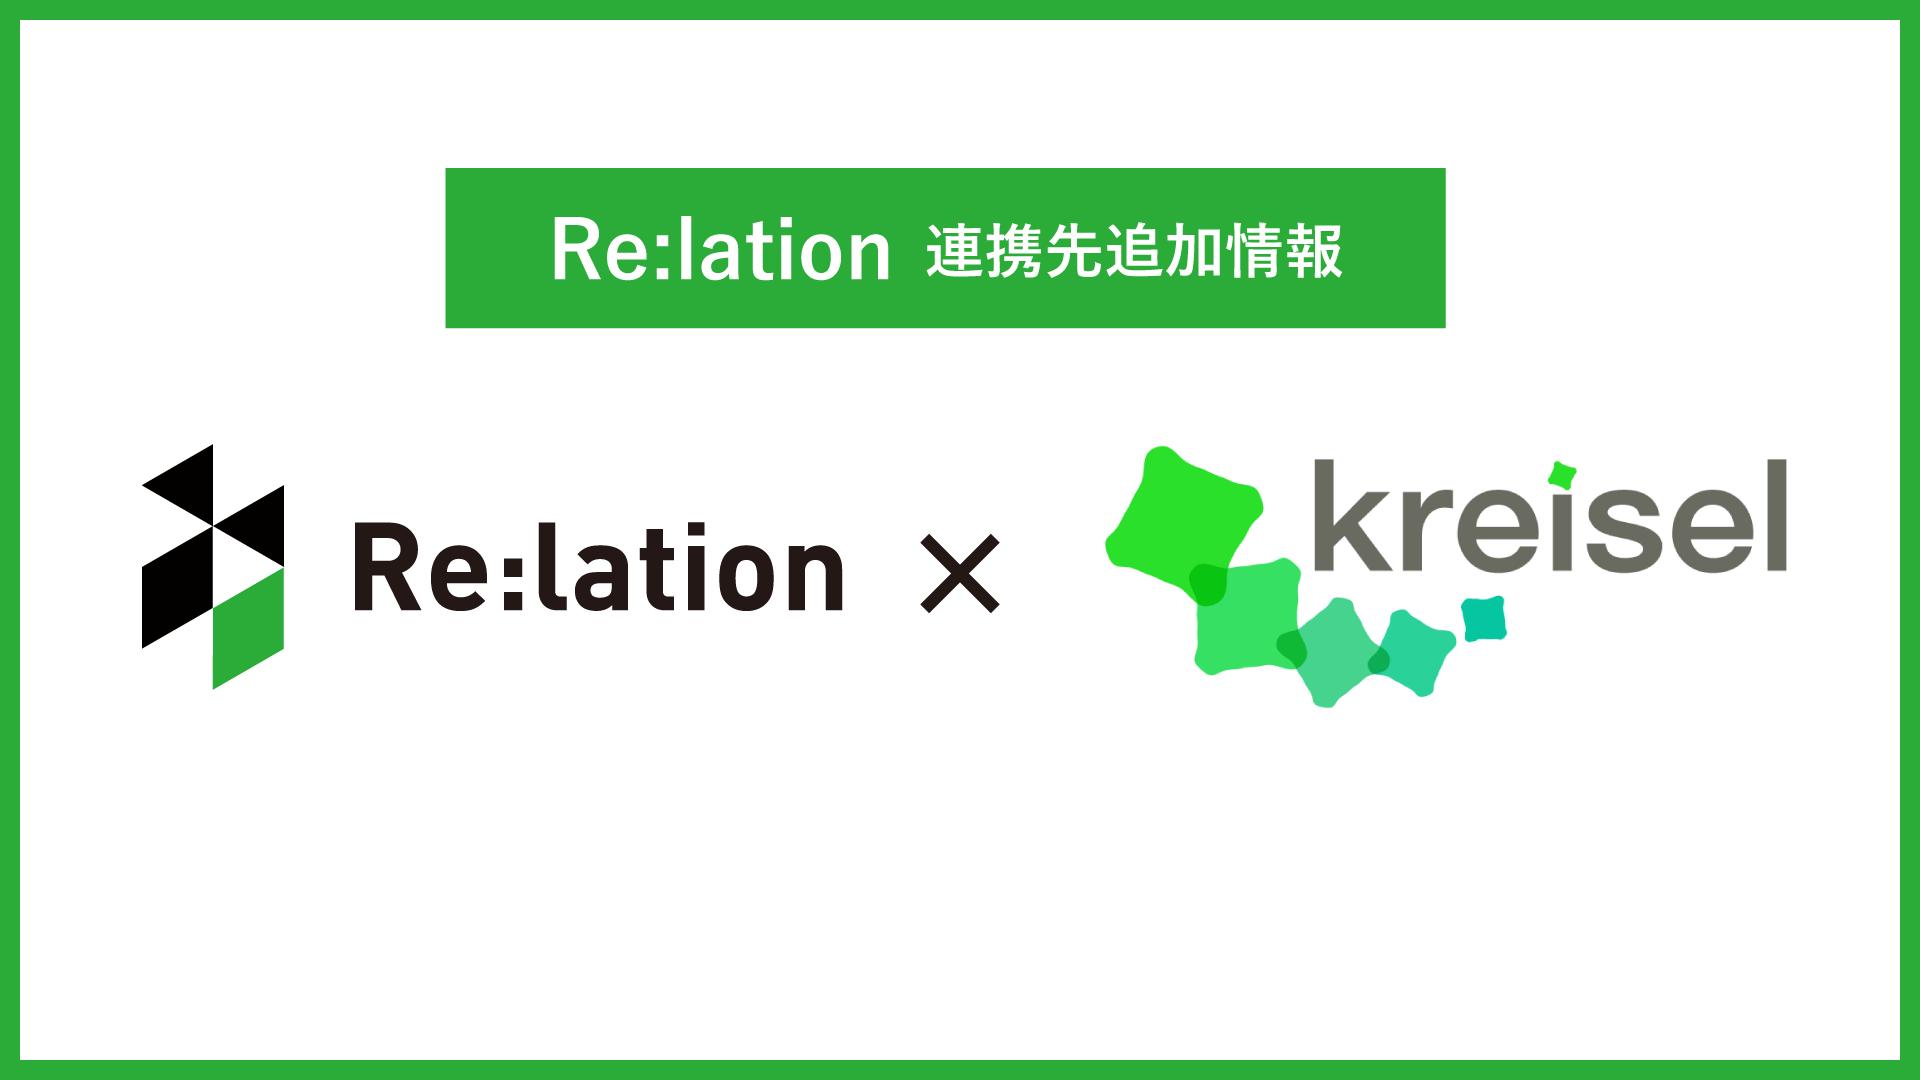 顧客対応ツール『Re:lation(リレーション)』がCRM ツール『クライゼル』と連携